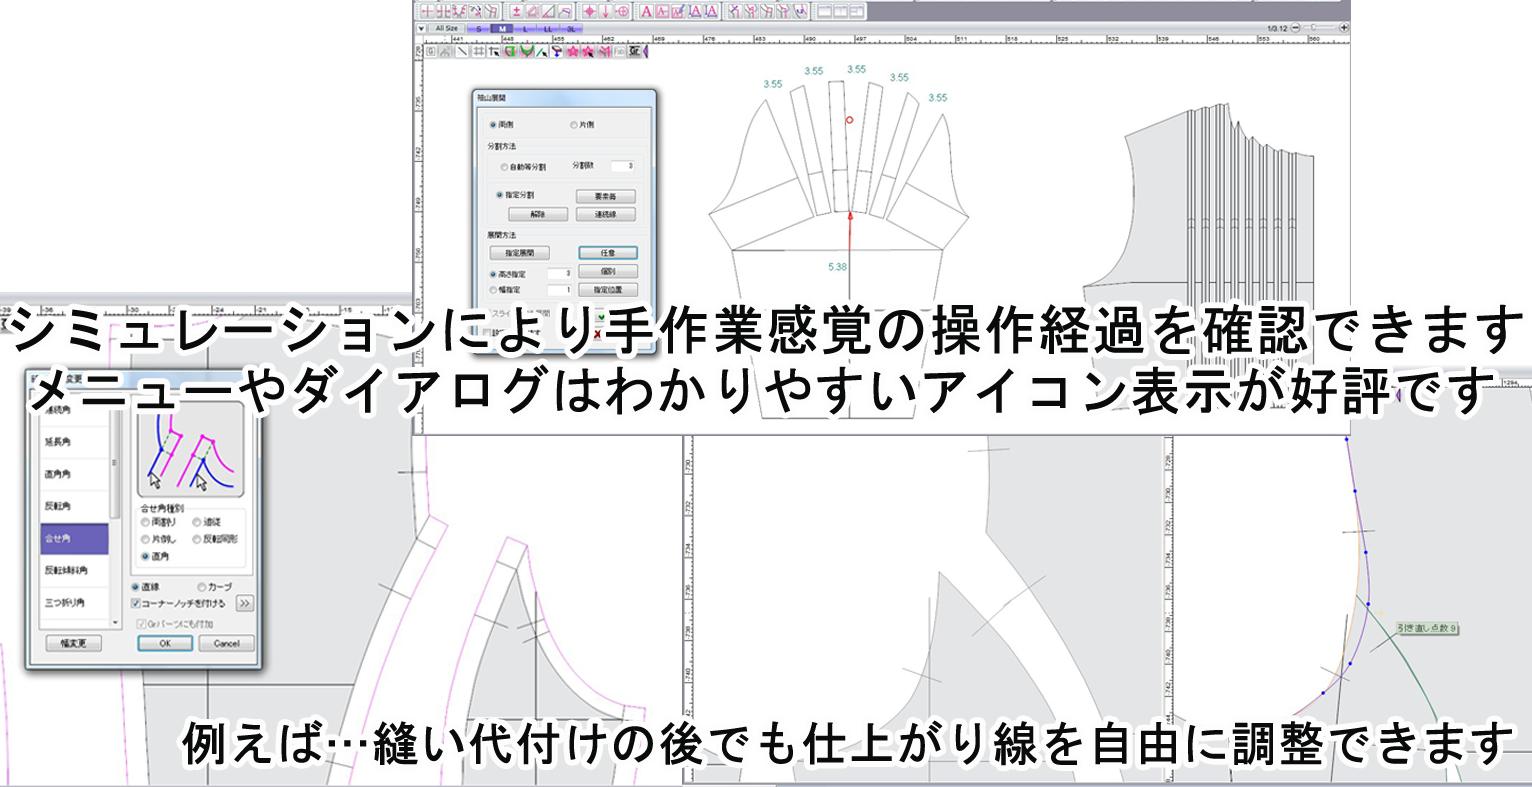 手作業間隔で操作できるアパレルCAD「Alphamyu」